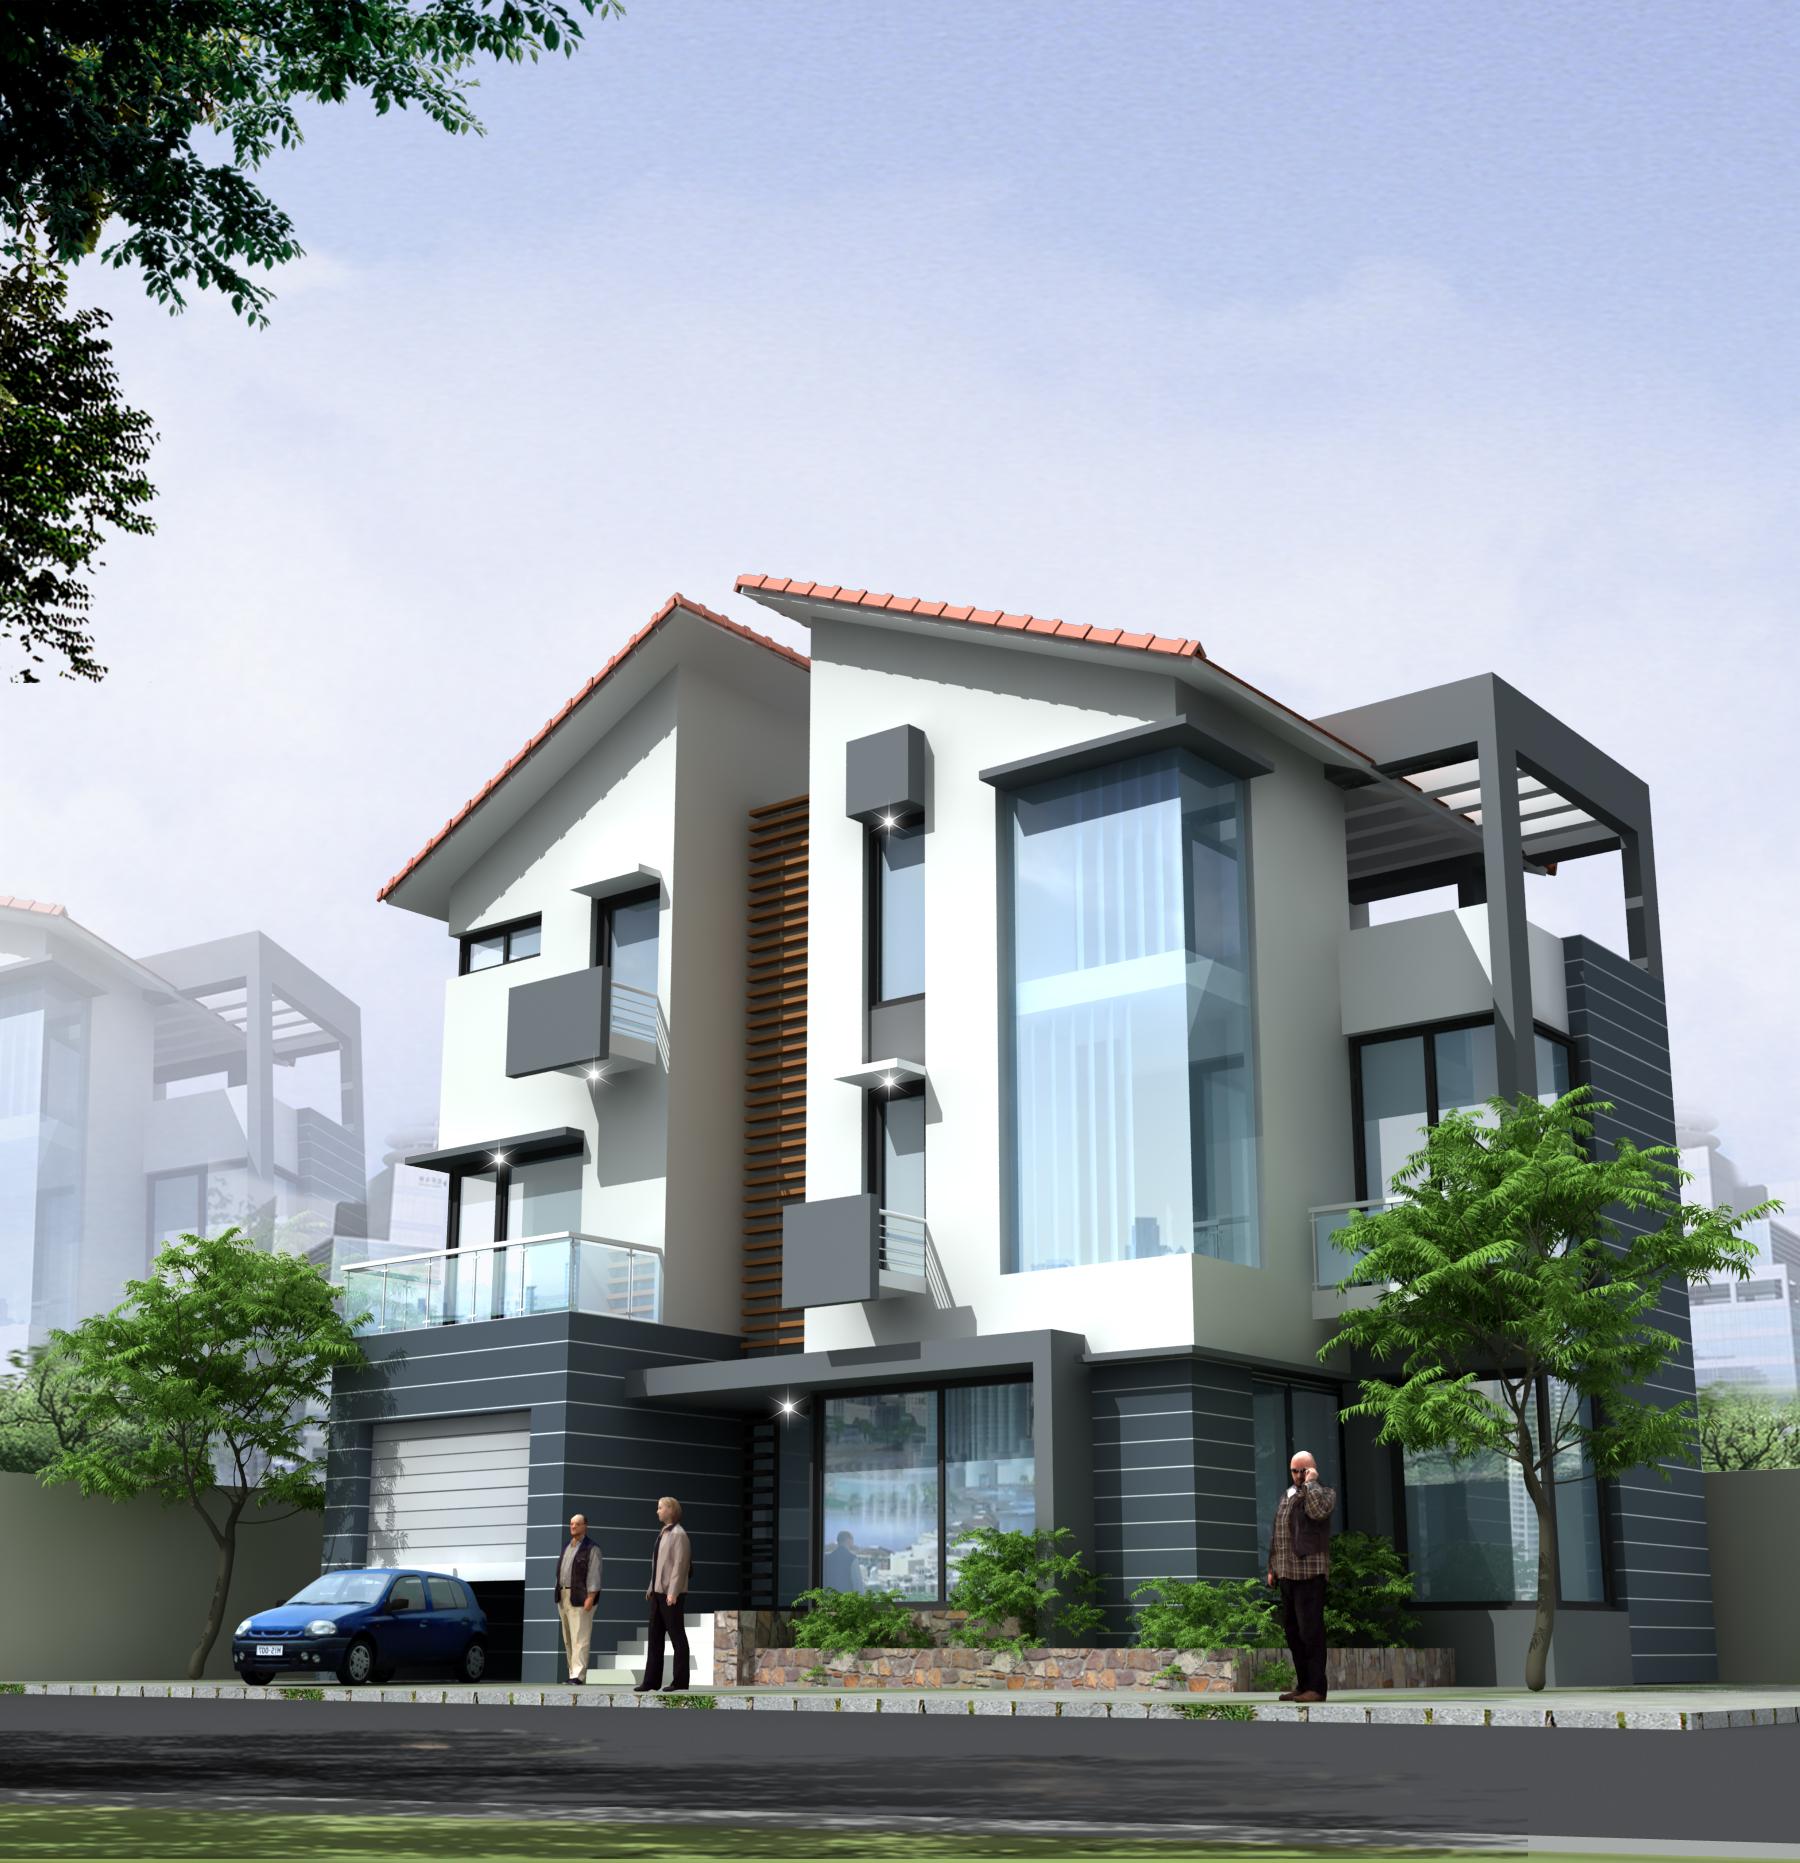 2 Thiết Kế Nhà tại Hải Phòng 45.000đ, Nhận Thiết kế nhà đẹp giá rẻ ở Hải Phòng